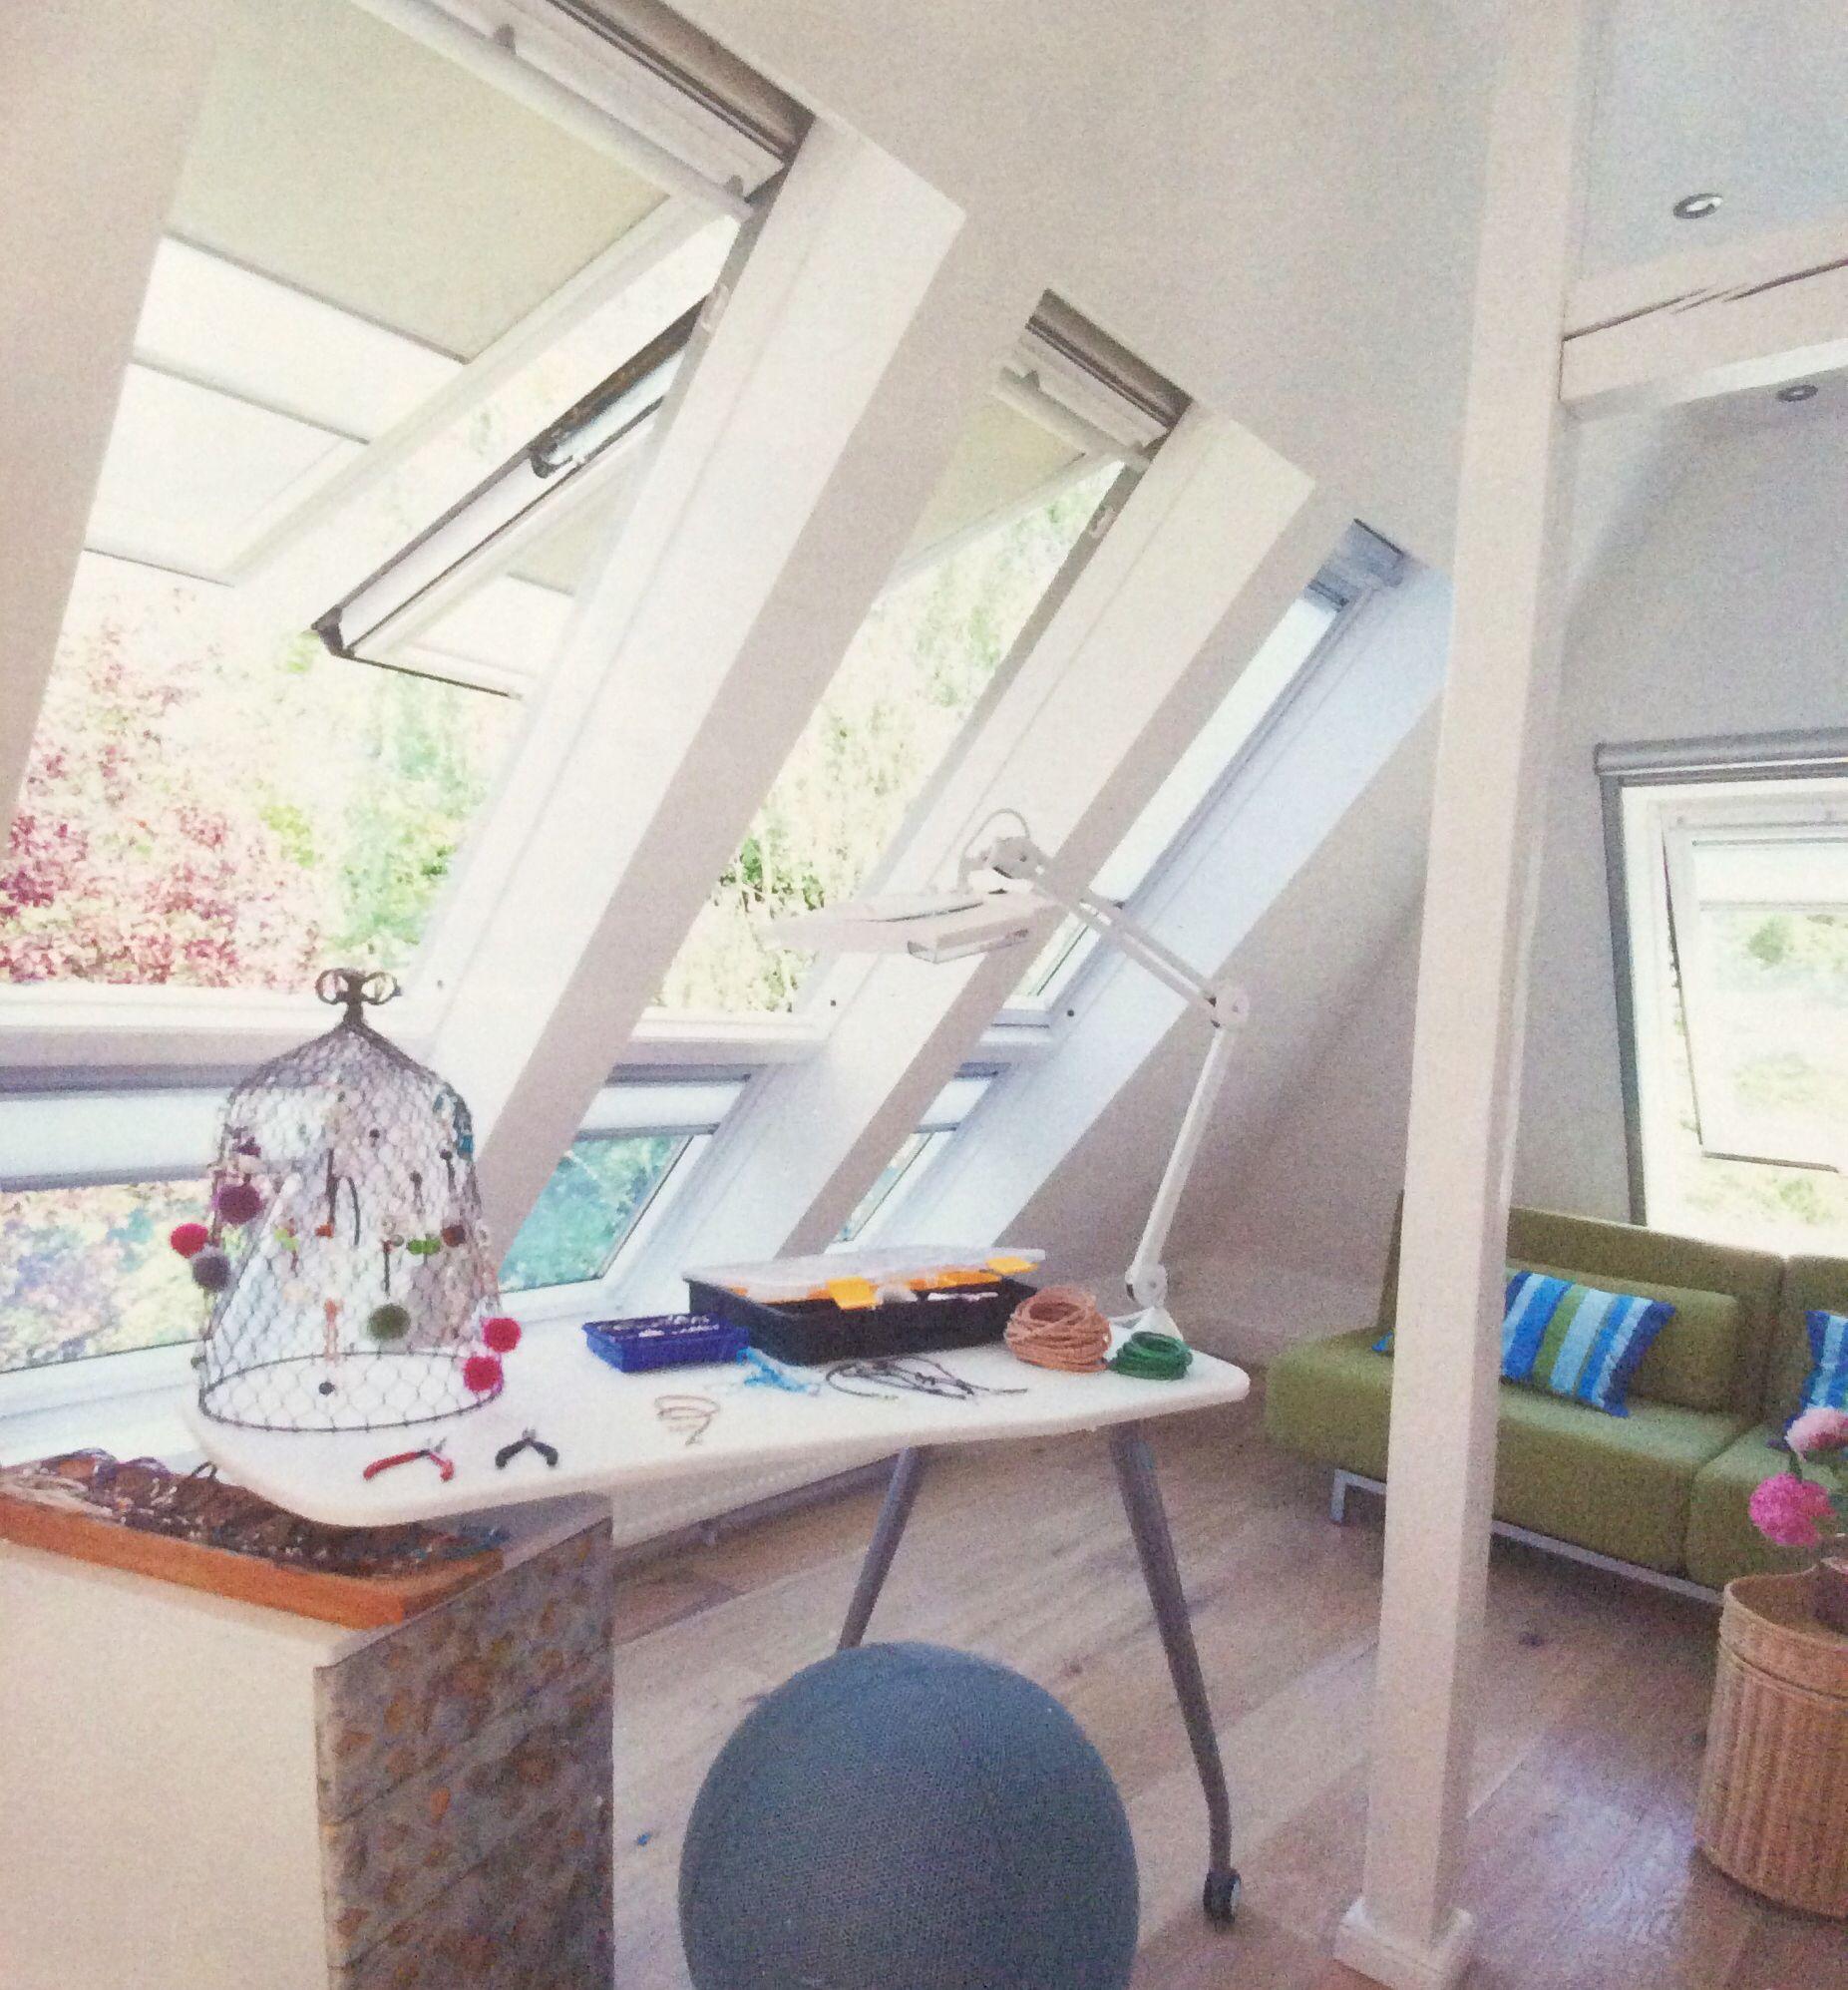 Spitzboden, Dachboden, Dachflächenfenster, Fenster, Büro ...